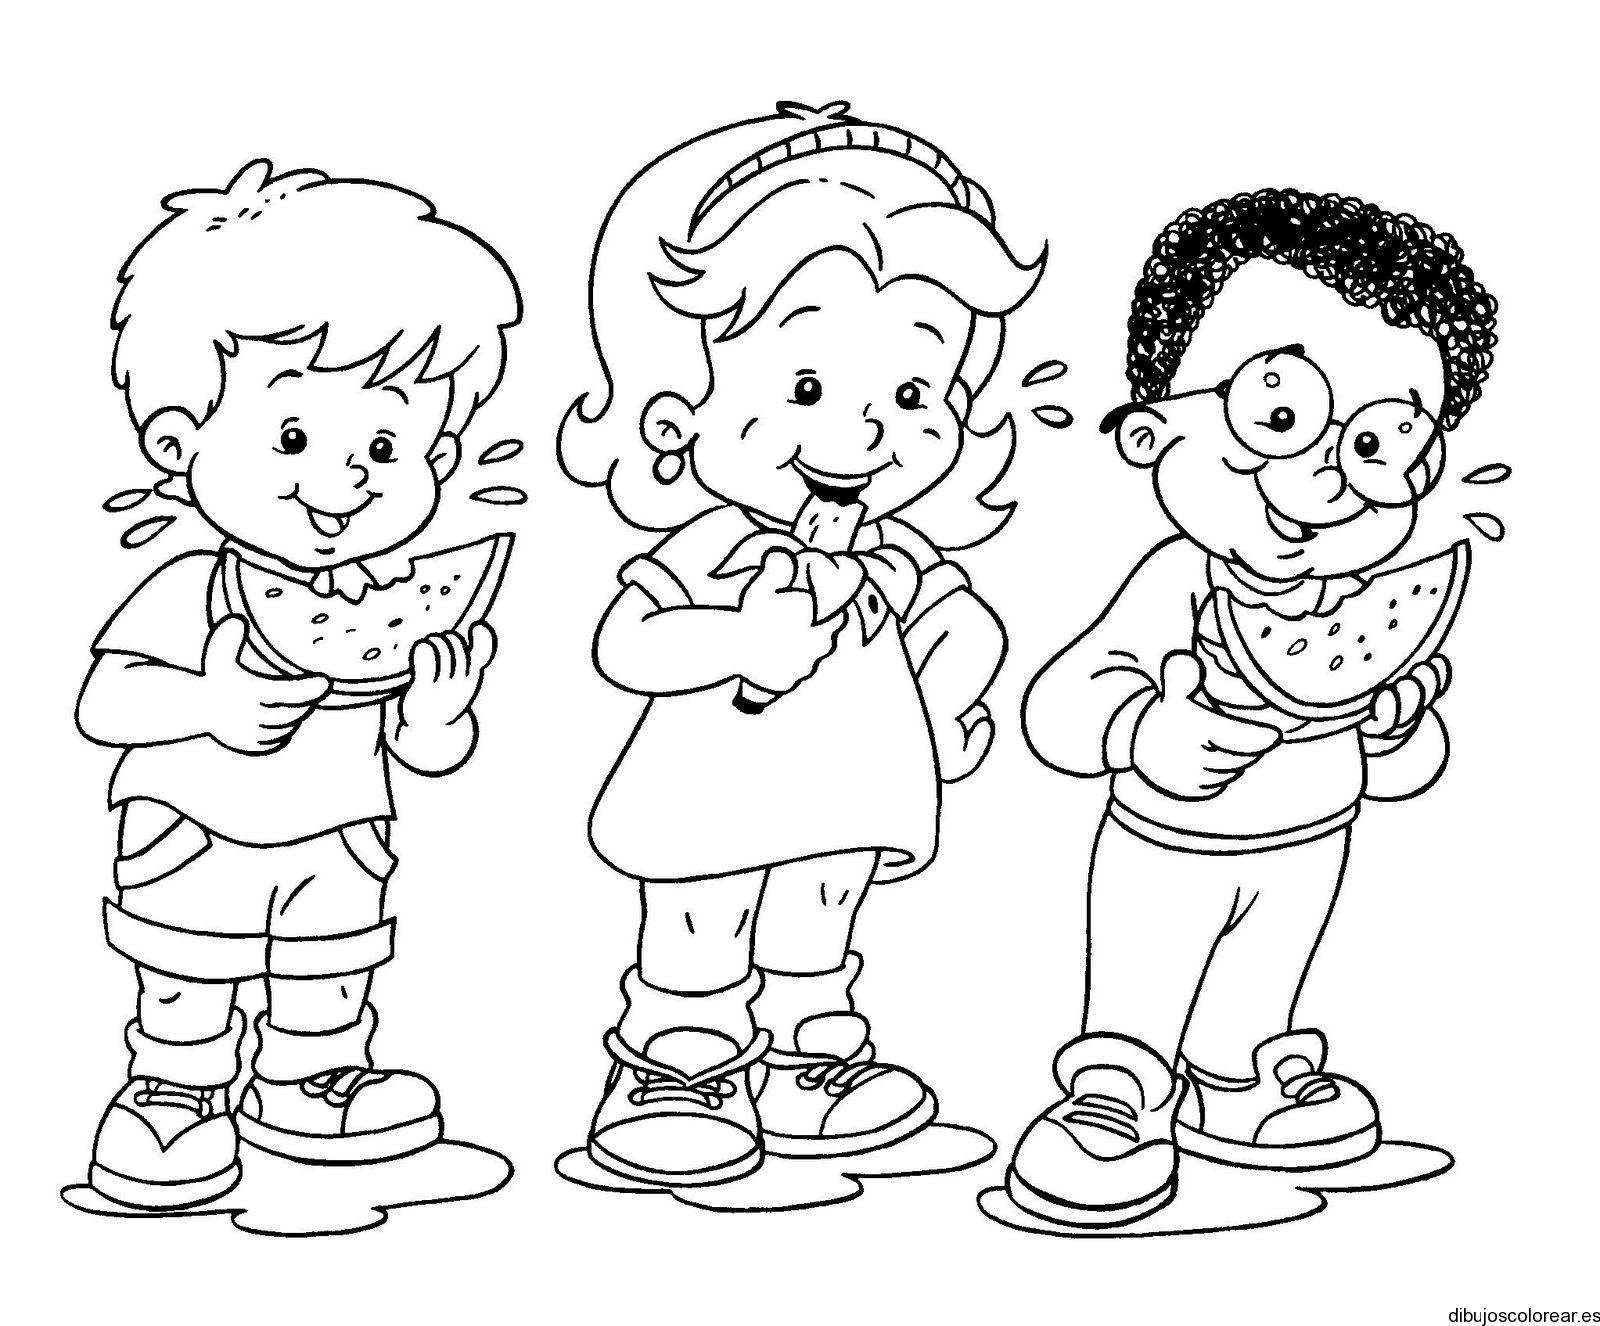 Resultado De Imagen Para Dibujos De Niños Comiendo